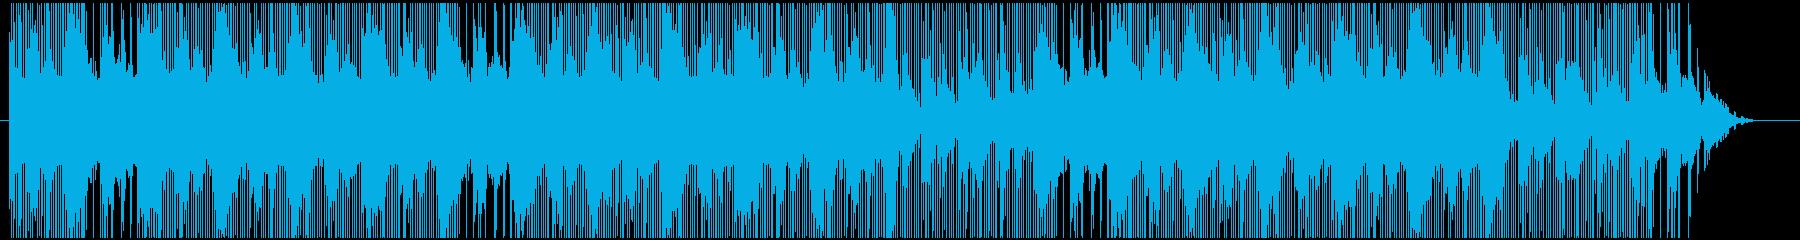 軽快なトラップサウンドの再生済みの波形